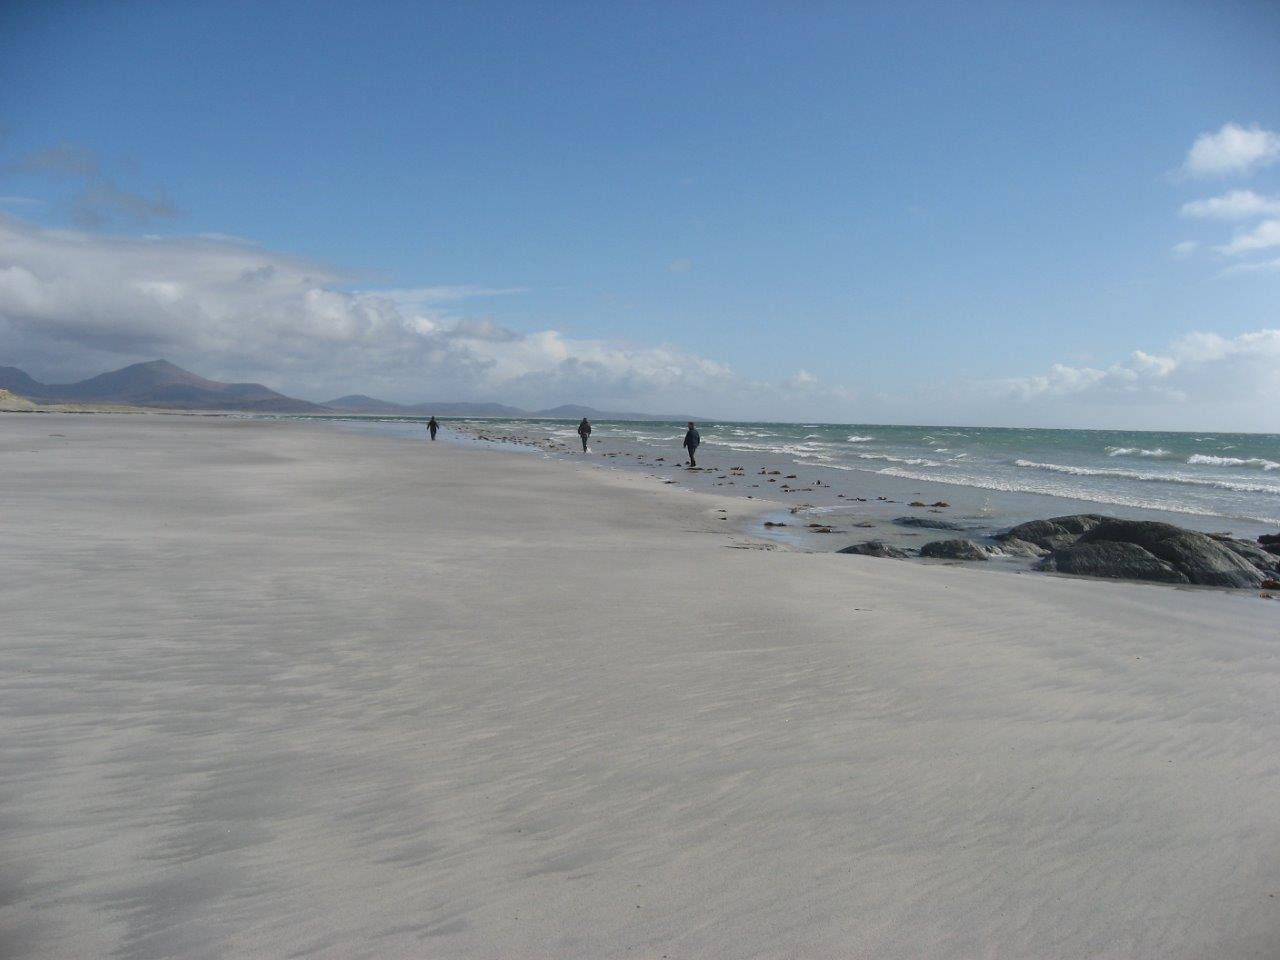 Iochdar beach